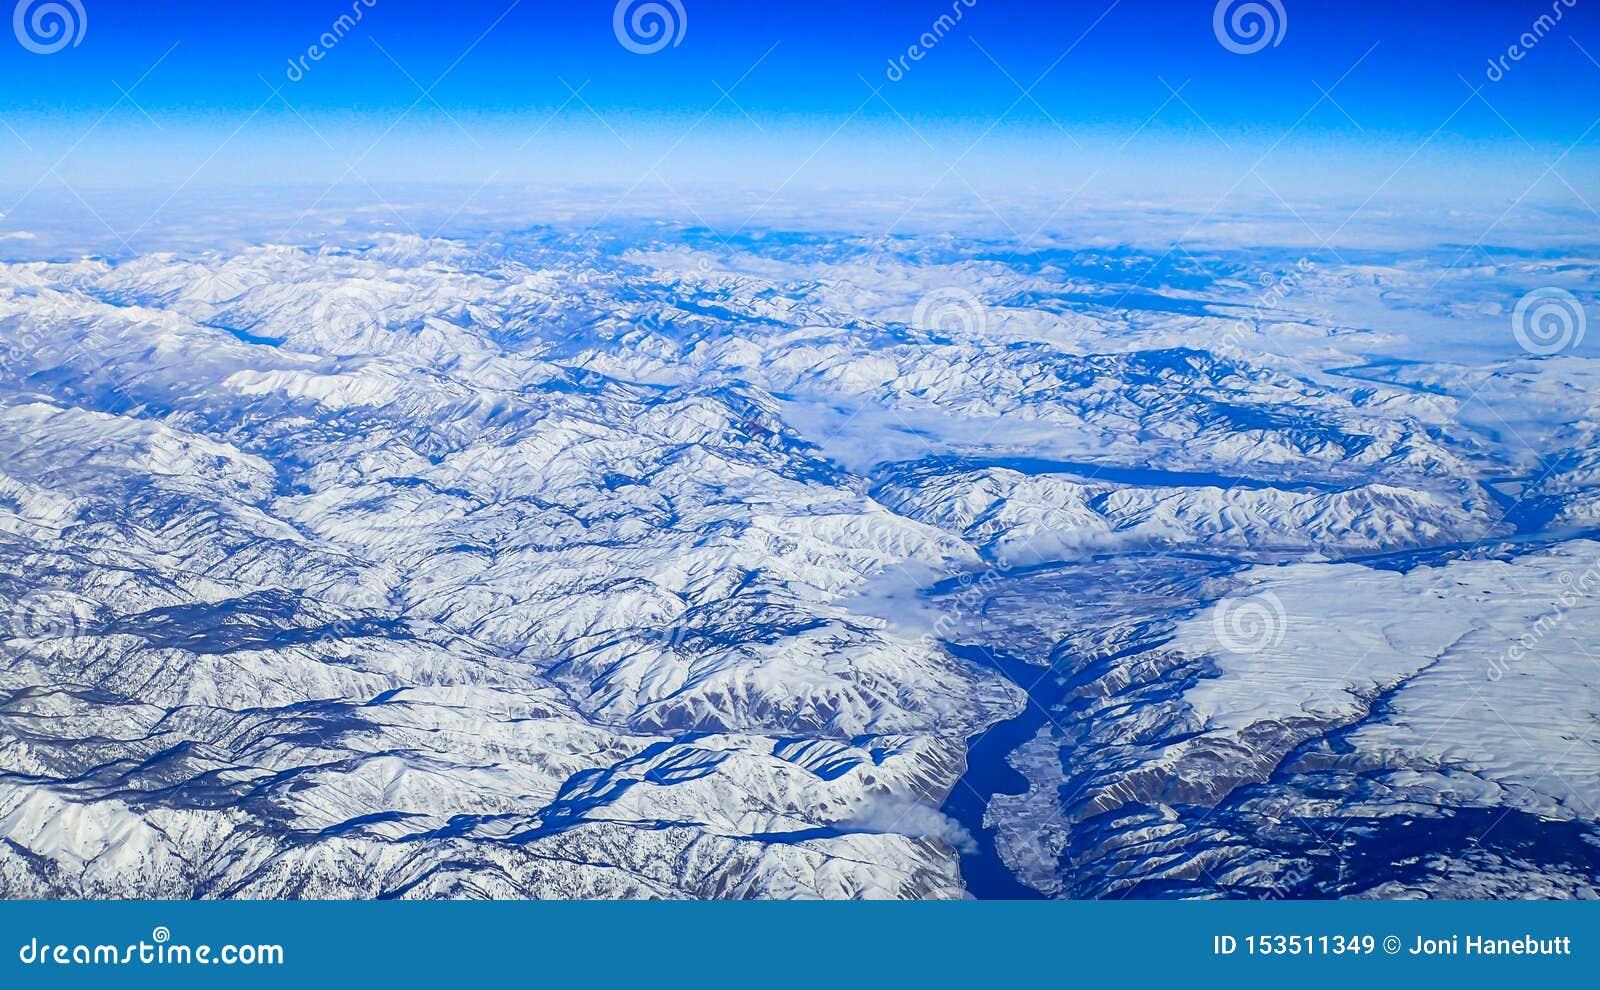 Ansicht des schneebedeckten pazifischen Nordwestens von der Luft